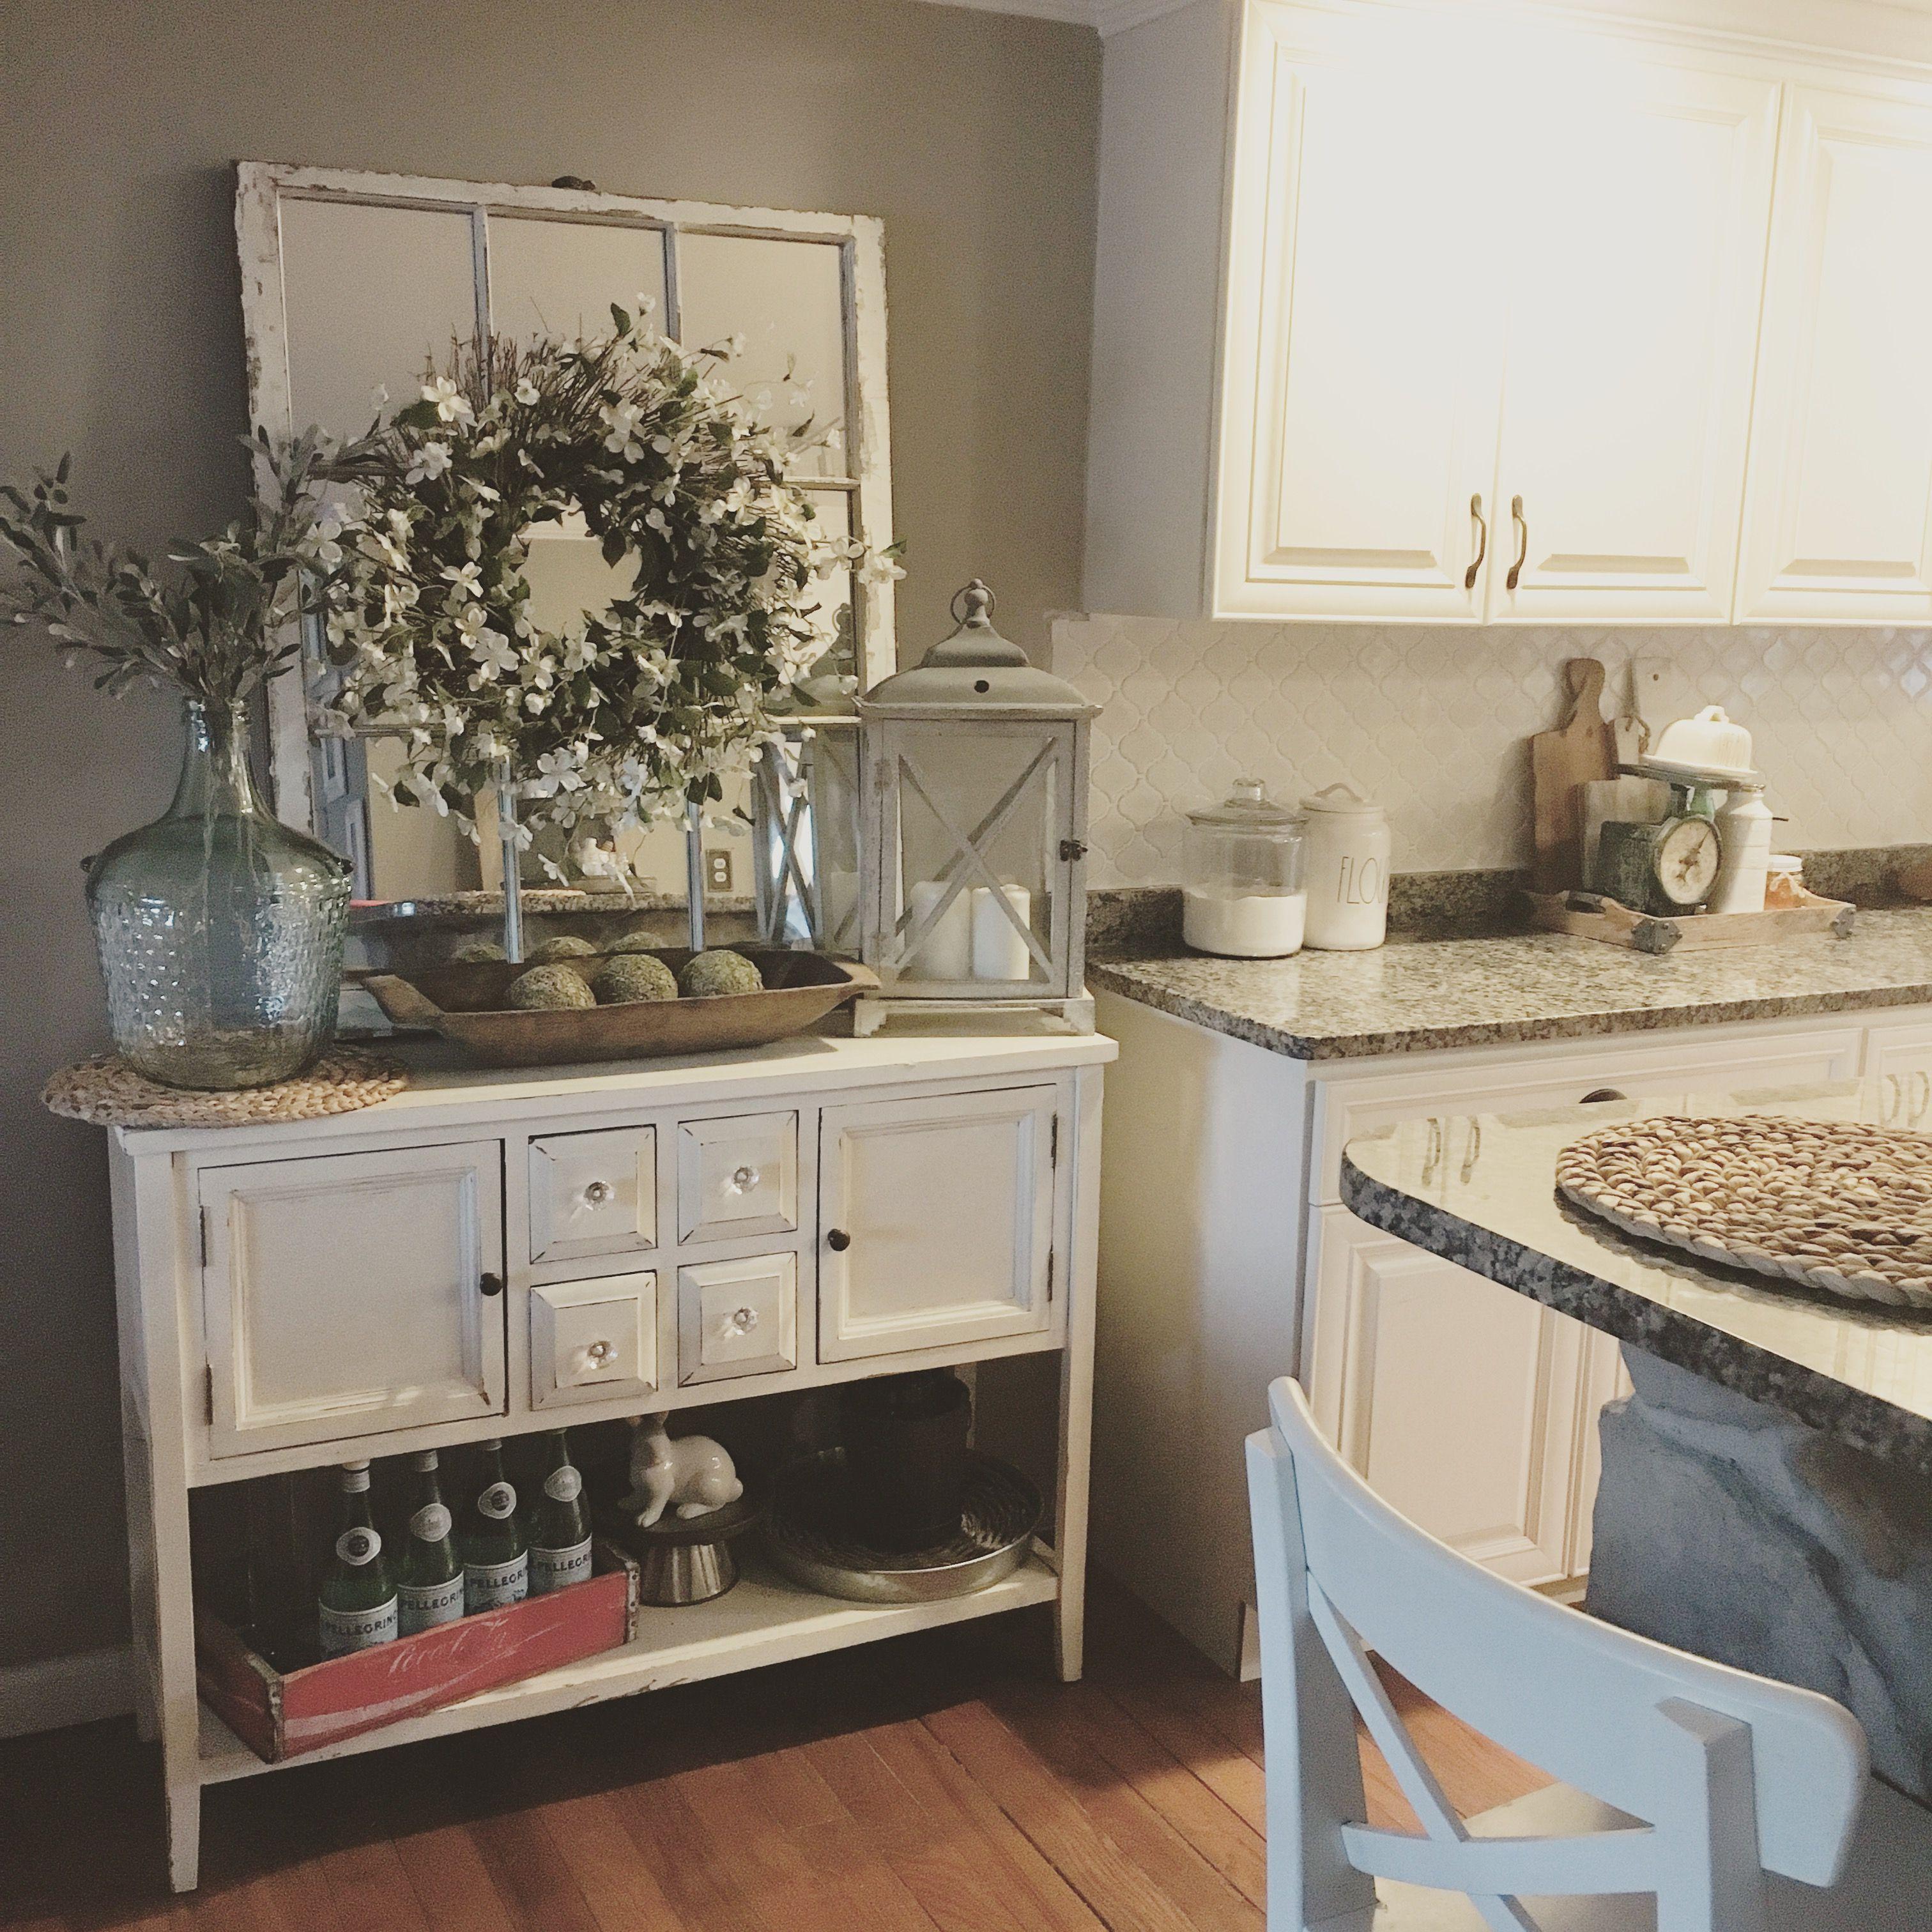 Pin de Amy Barnett en For the Home | Pinterest | Decoración de ...